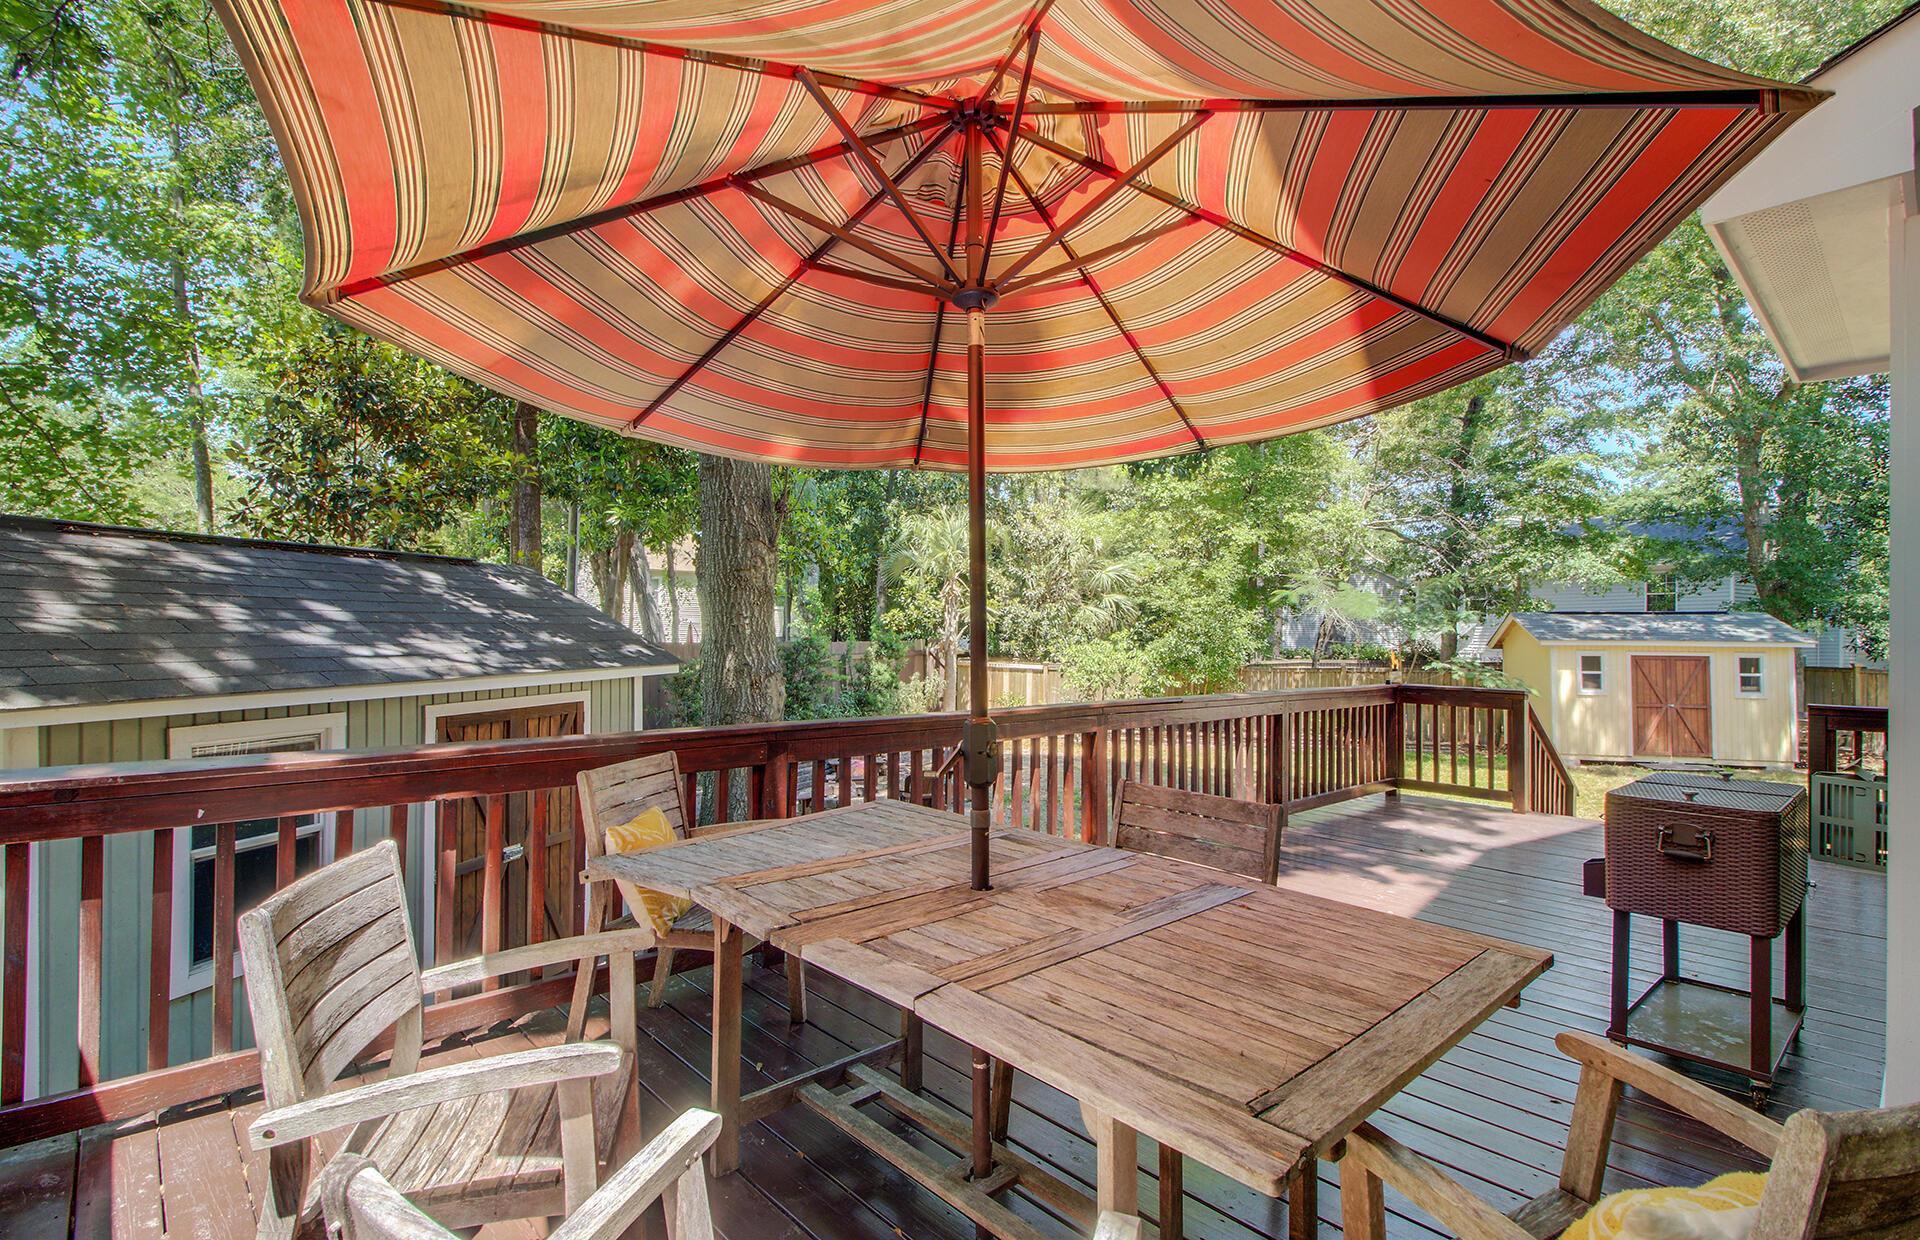 Phillips Park Homes For Sale - 1129 Phillips Park, Mount Pleasant, SC - 4